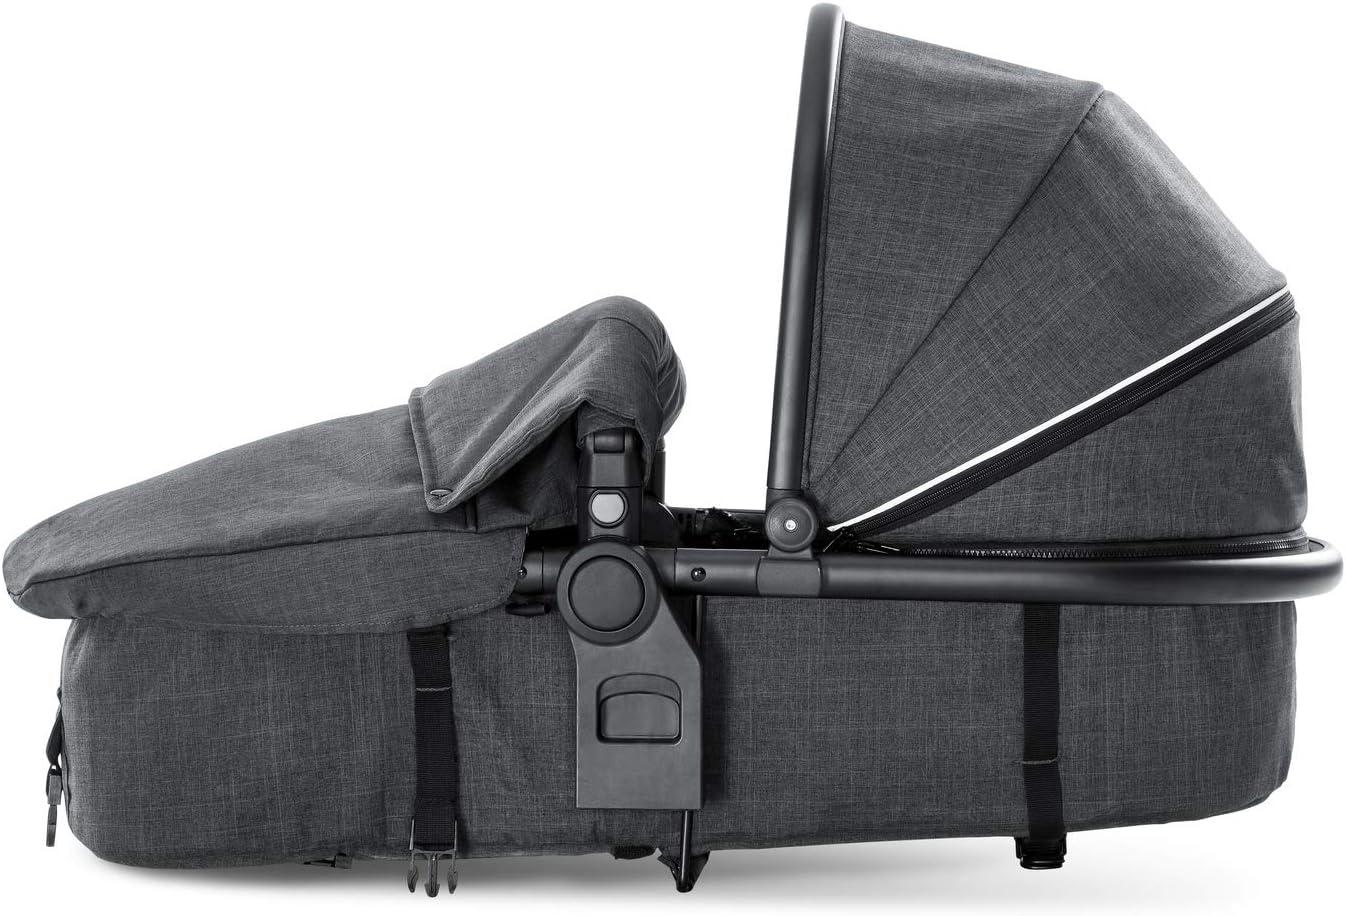 capota convertible grande Hauck capazo para cochecito de hermanos Duett 3 gris montaje sin adaptador desde nacimiento hasta 9 kg transforma el Duett 3 en cochecito doble para reci/én nacidos